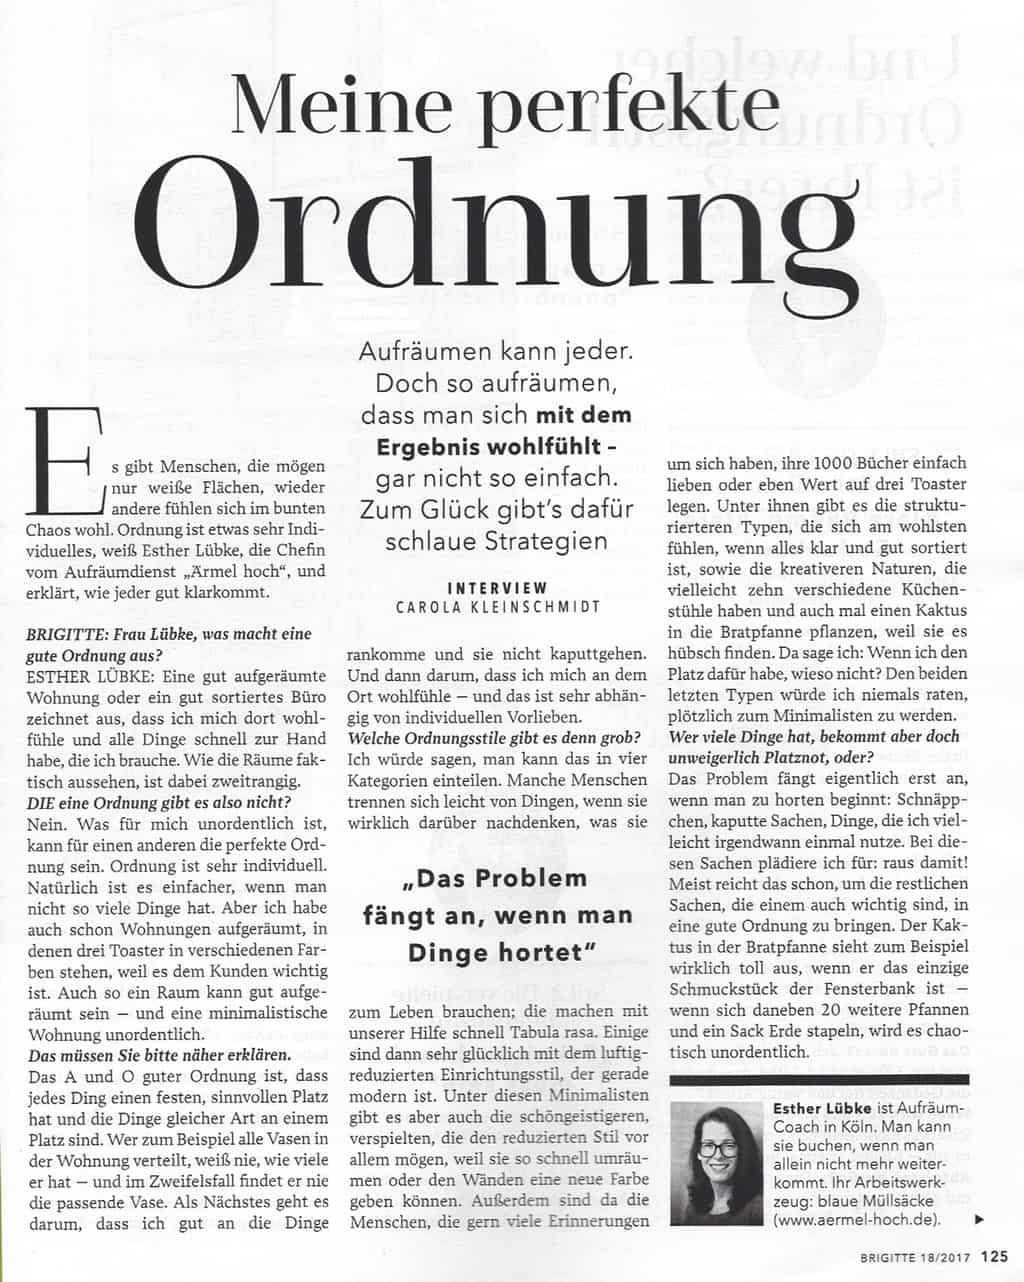 Brigitte Ausgabe brigitte ausgabe 18 2017 ärmel hoch